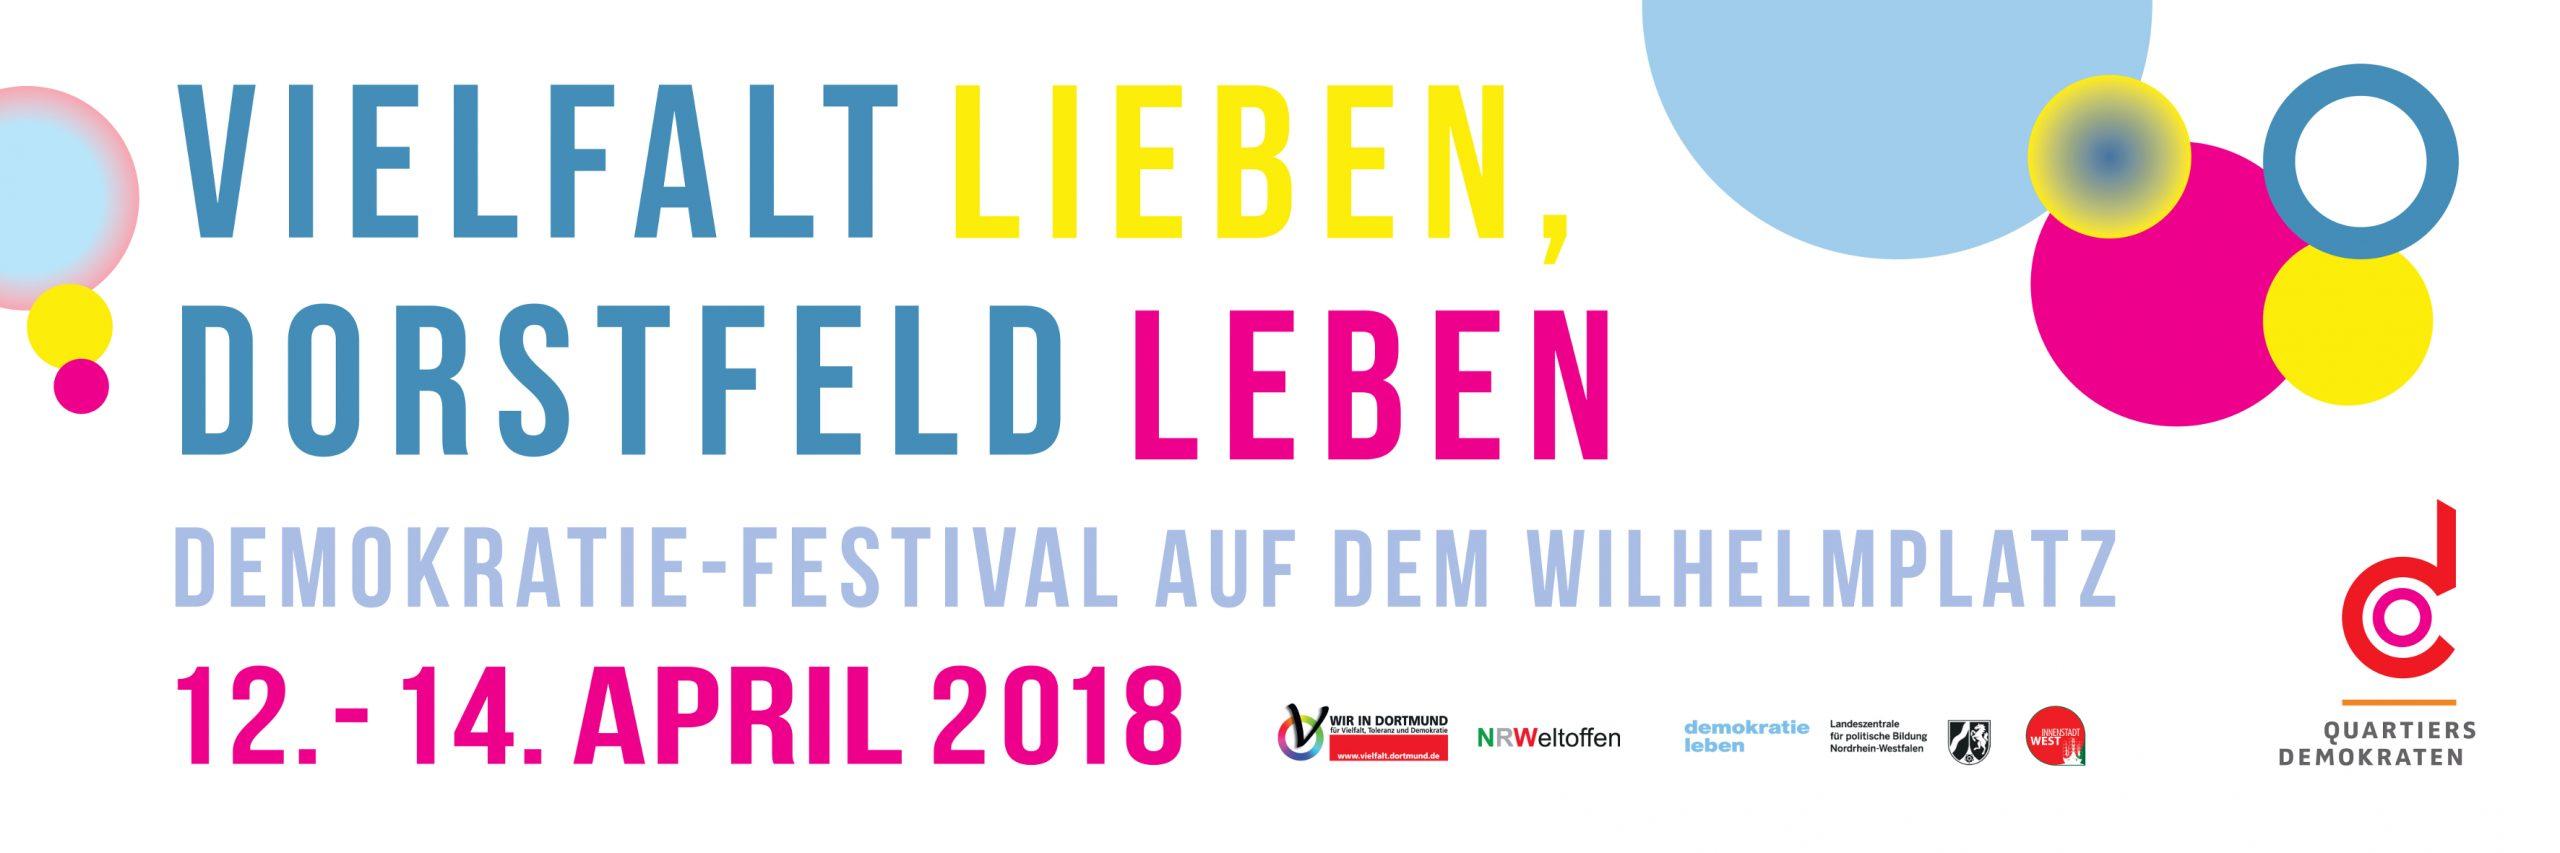 Festival: Vielfalt lieben, Dorstfeld leben!